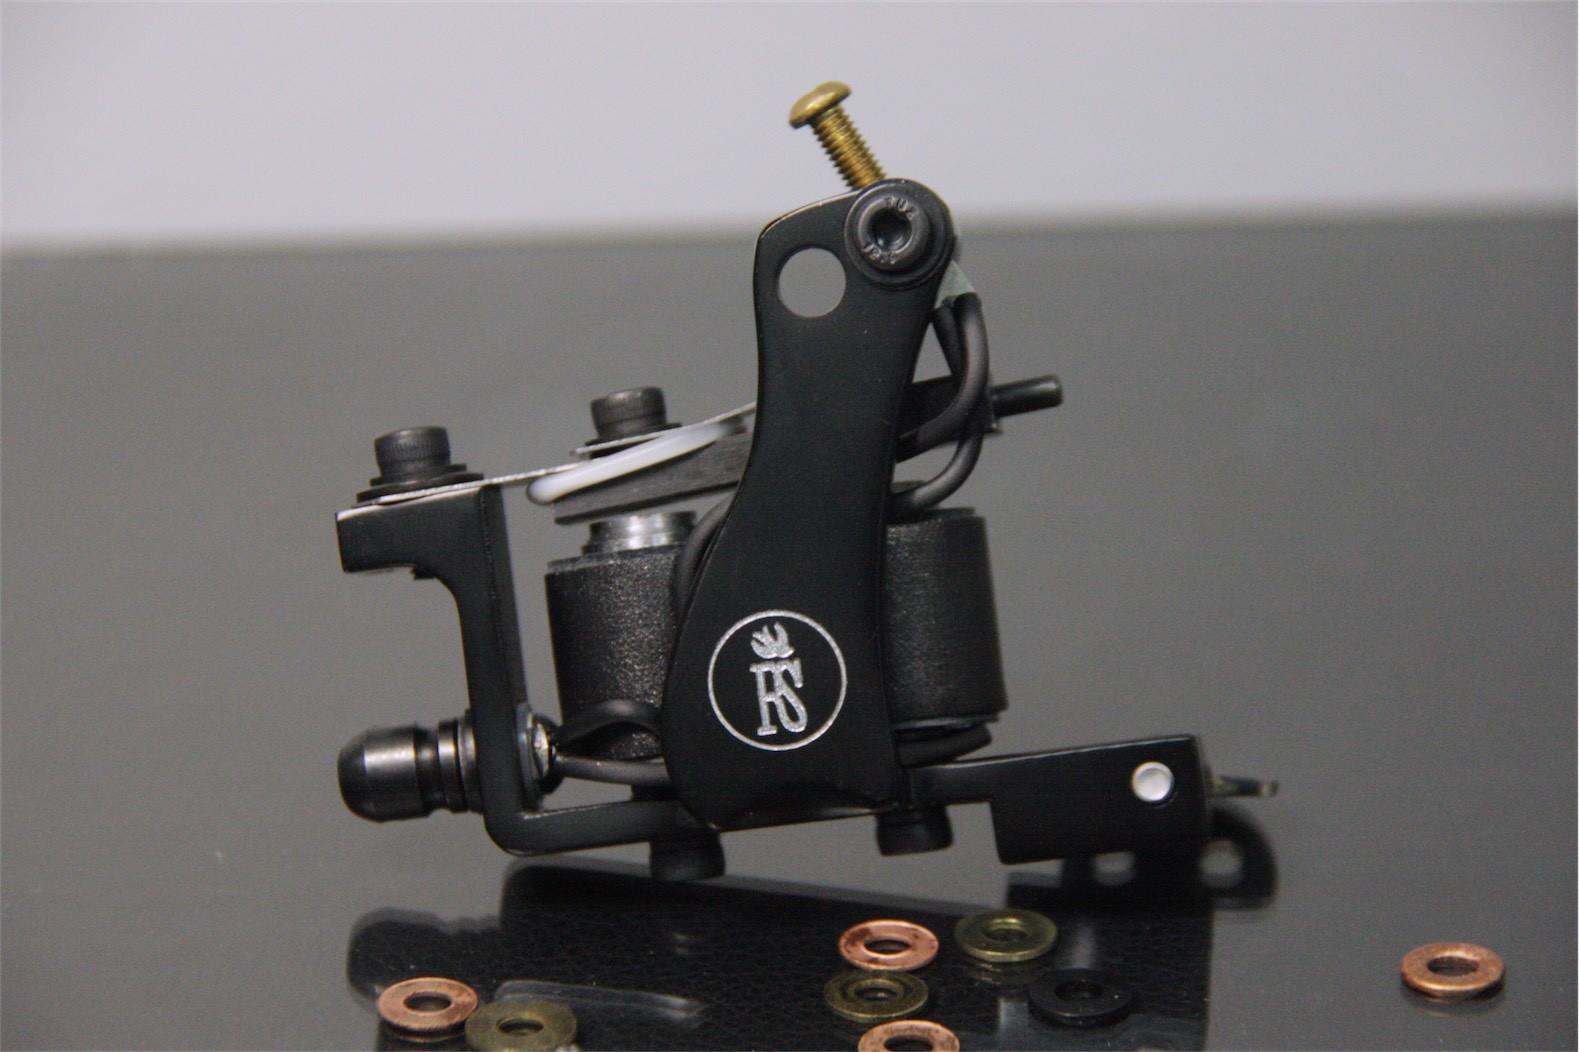 rightstuff machine